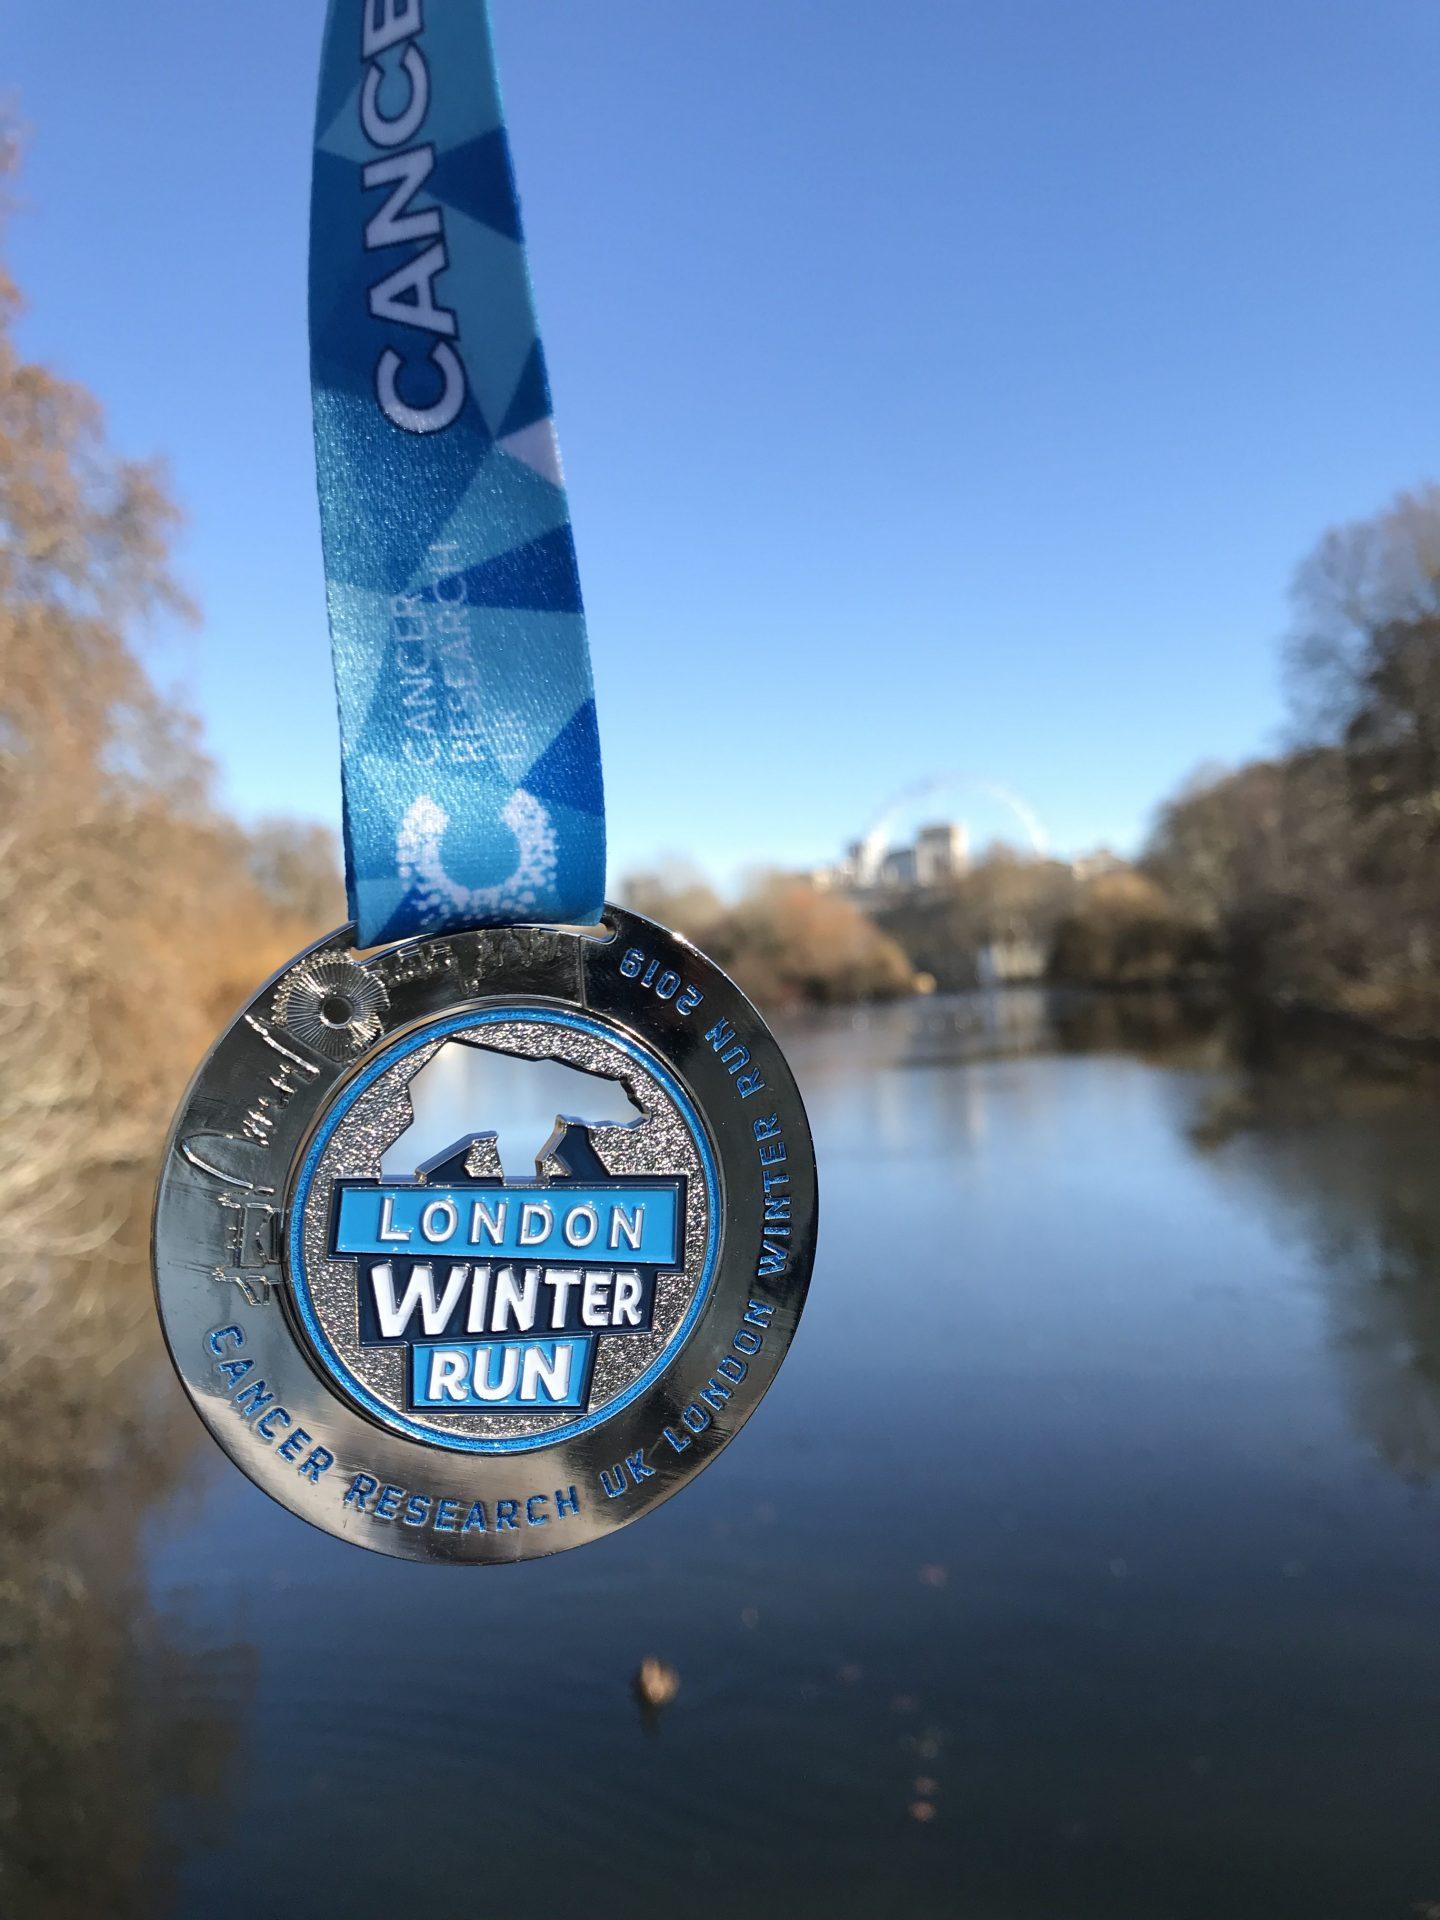 London Winter 10k Weekend